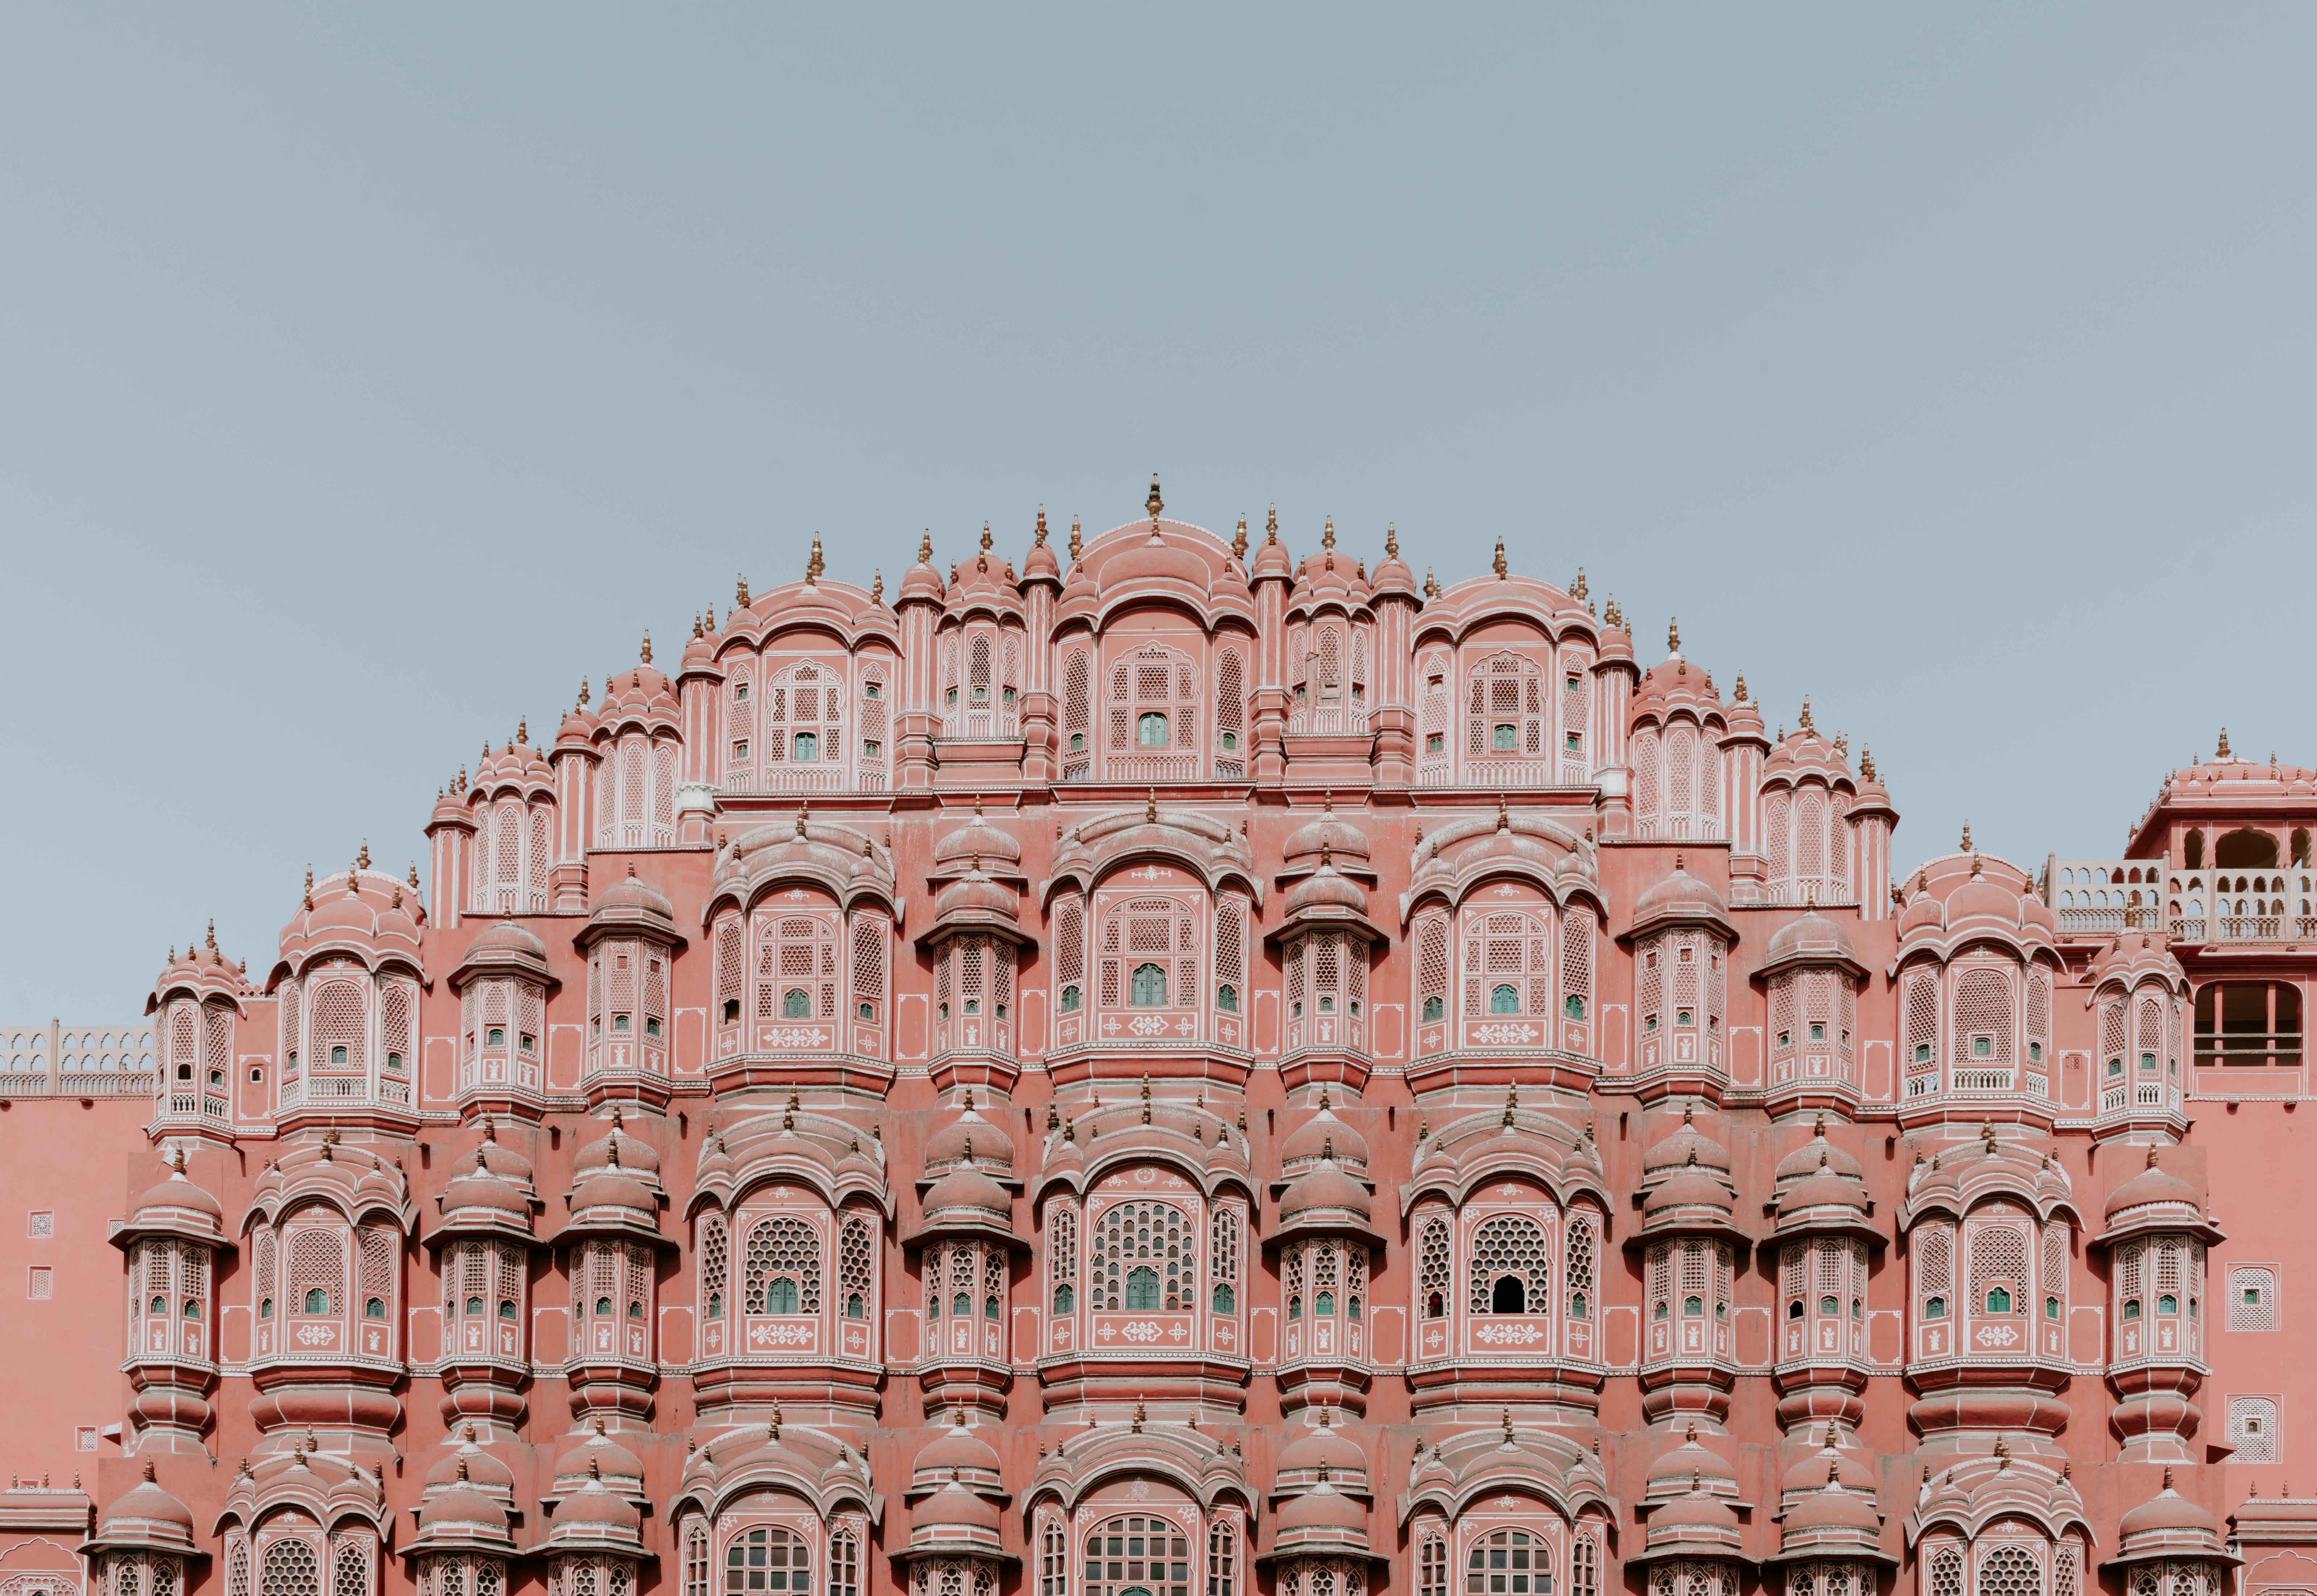 Jaipur artisitic potential